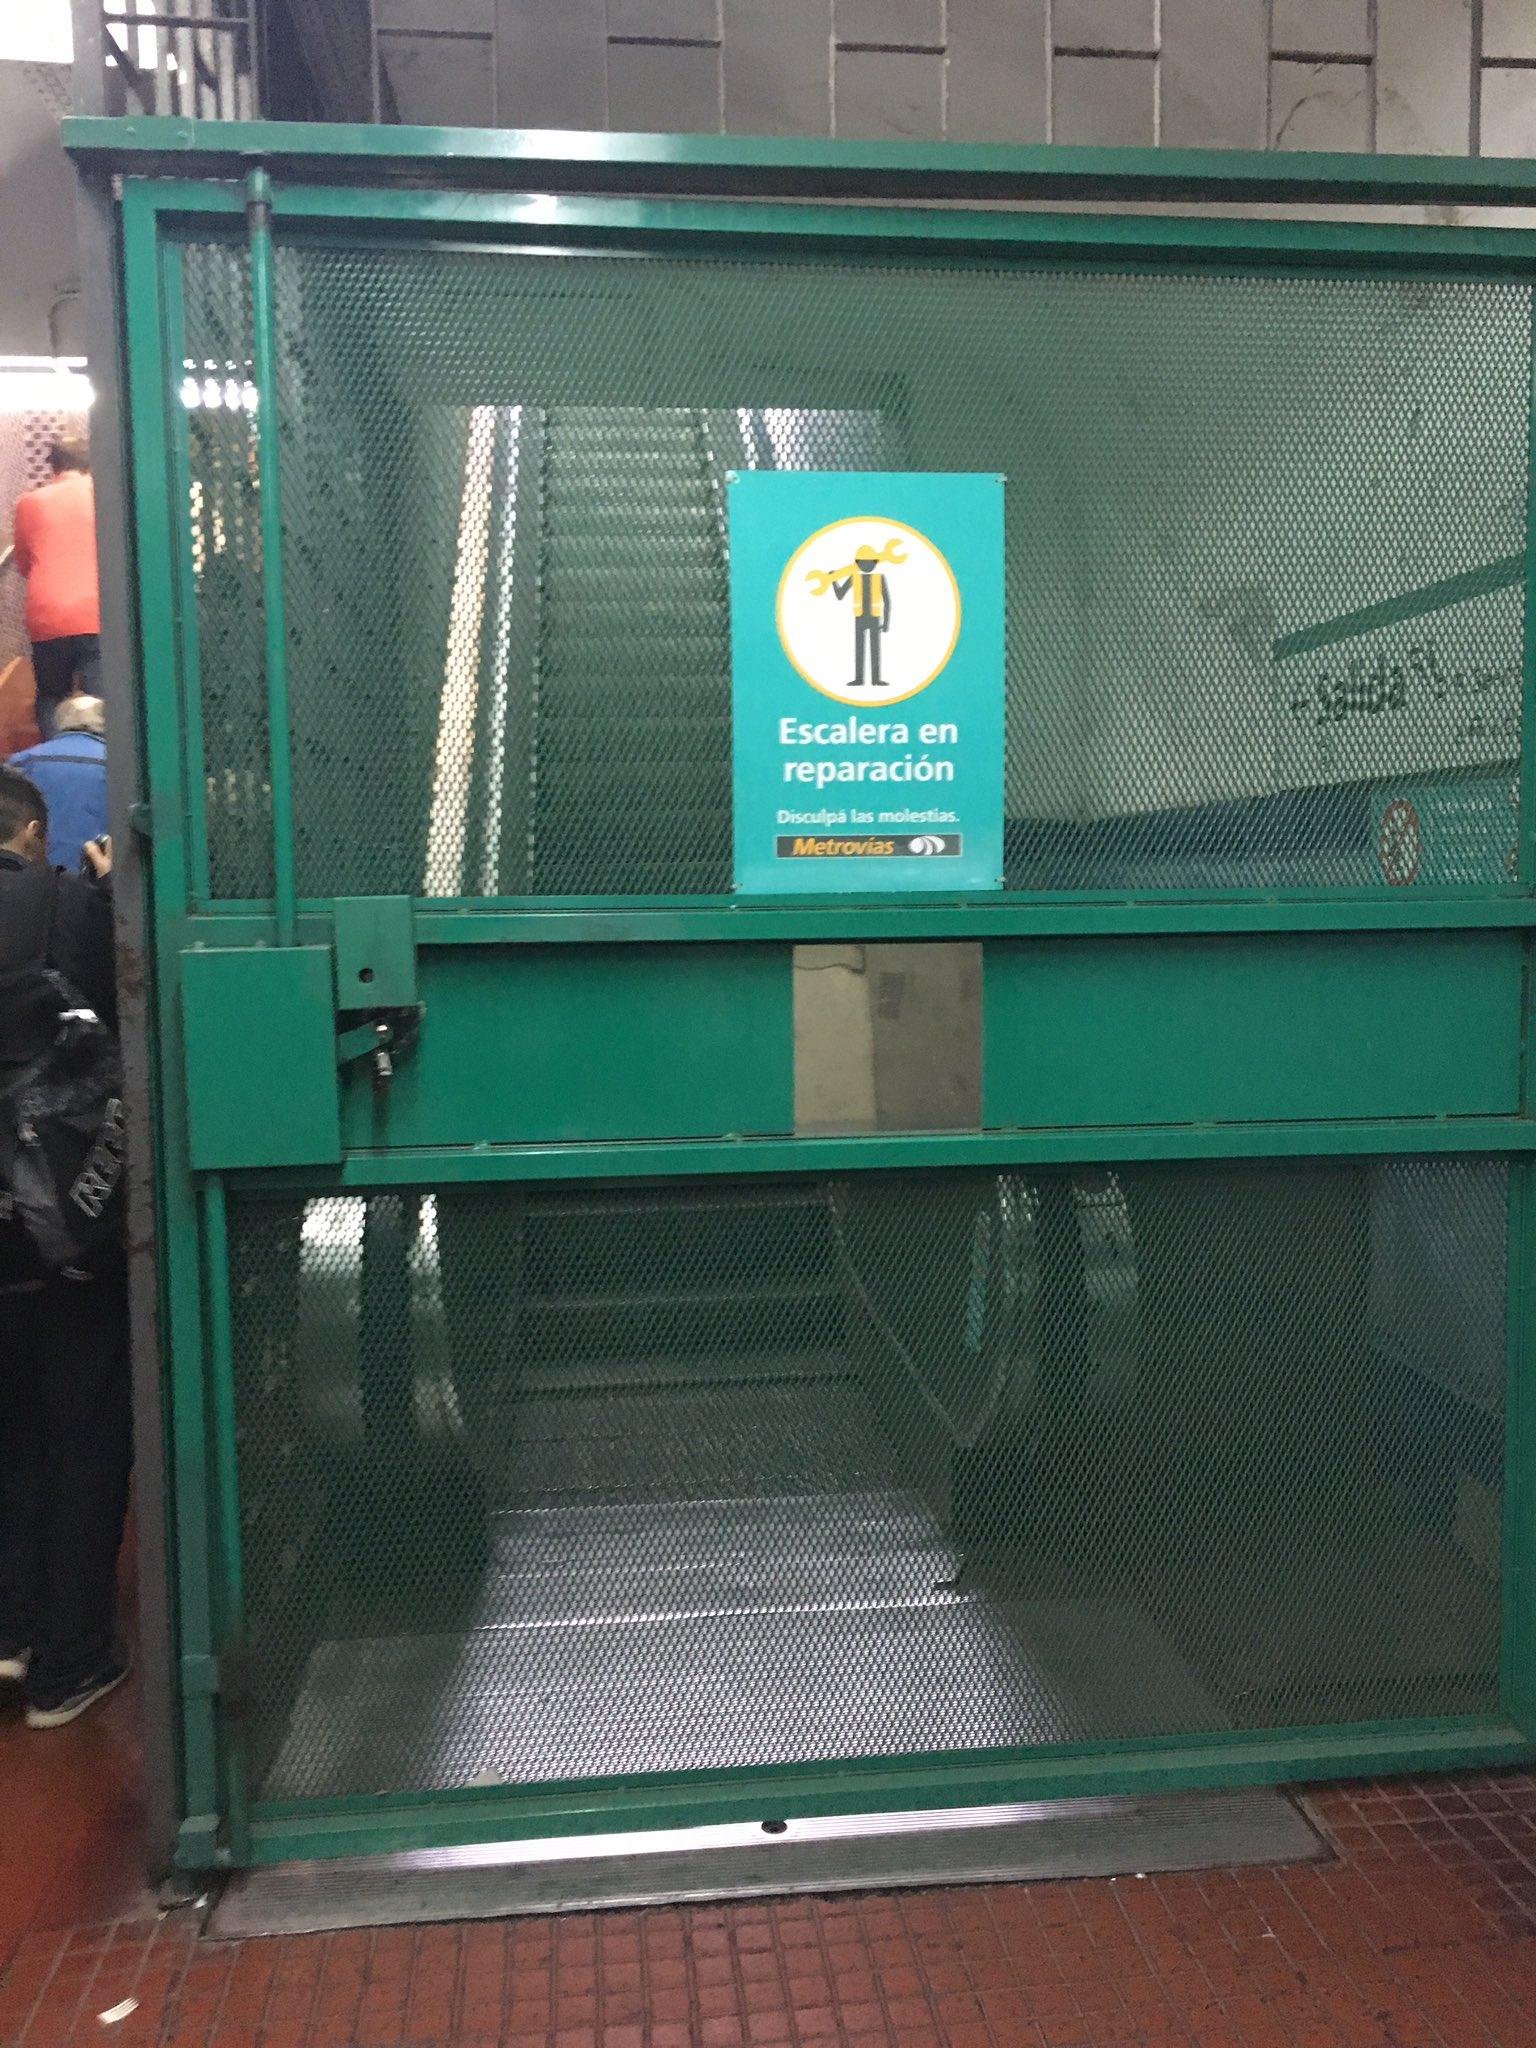 #AgradeSelfie a la escalera chota del subte #LineaD que no funciona. @horaciorlarreta https://t.co/Xg5DQbcyRJ